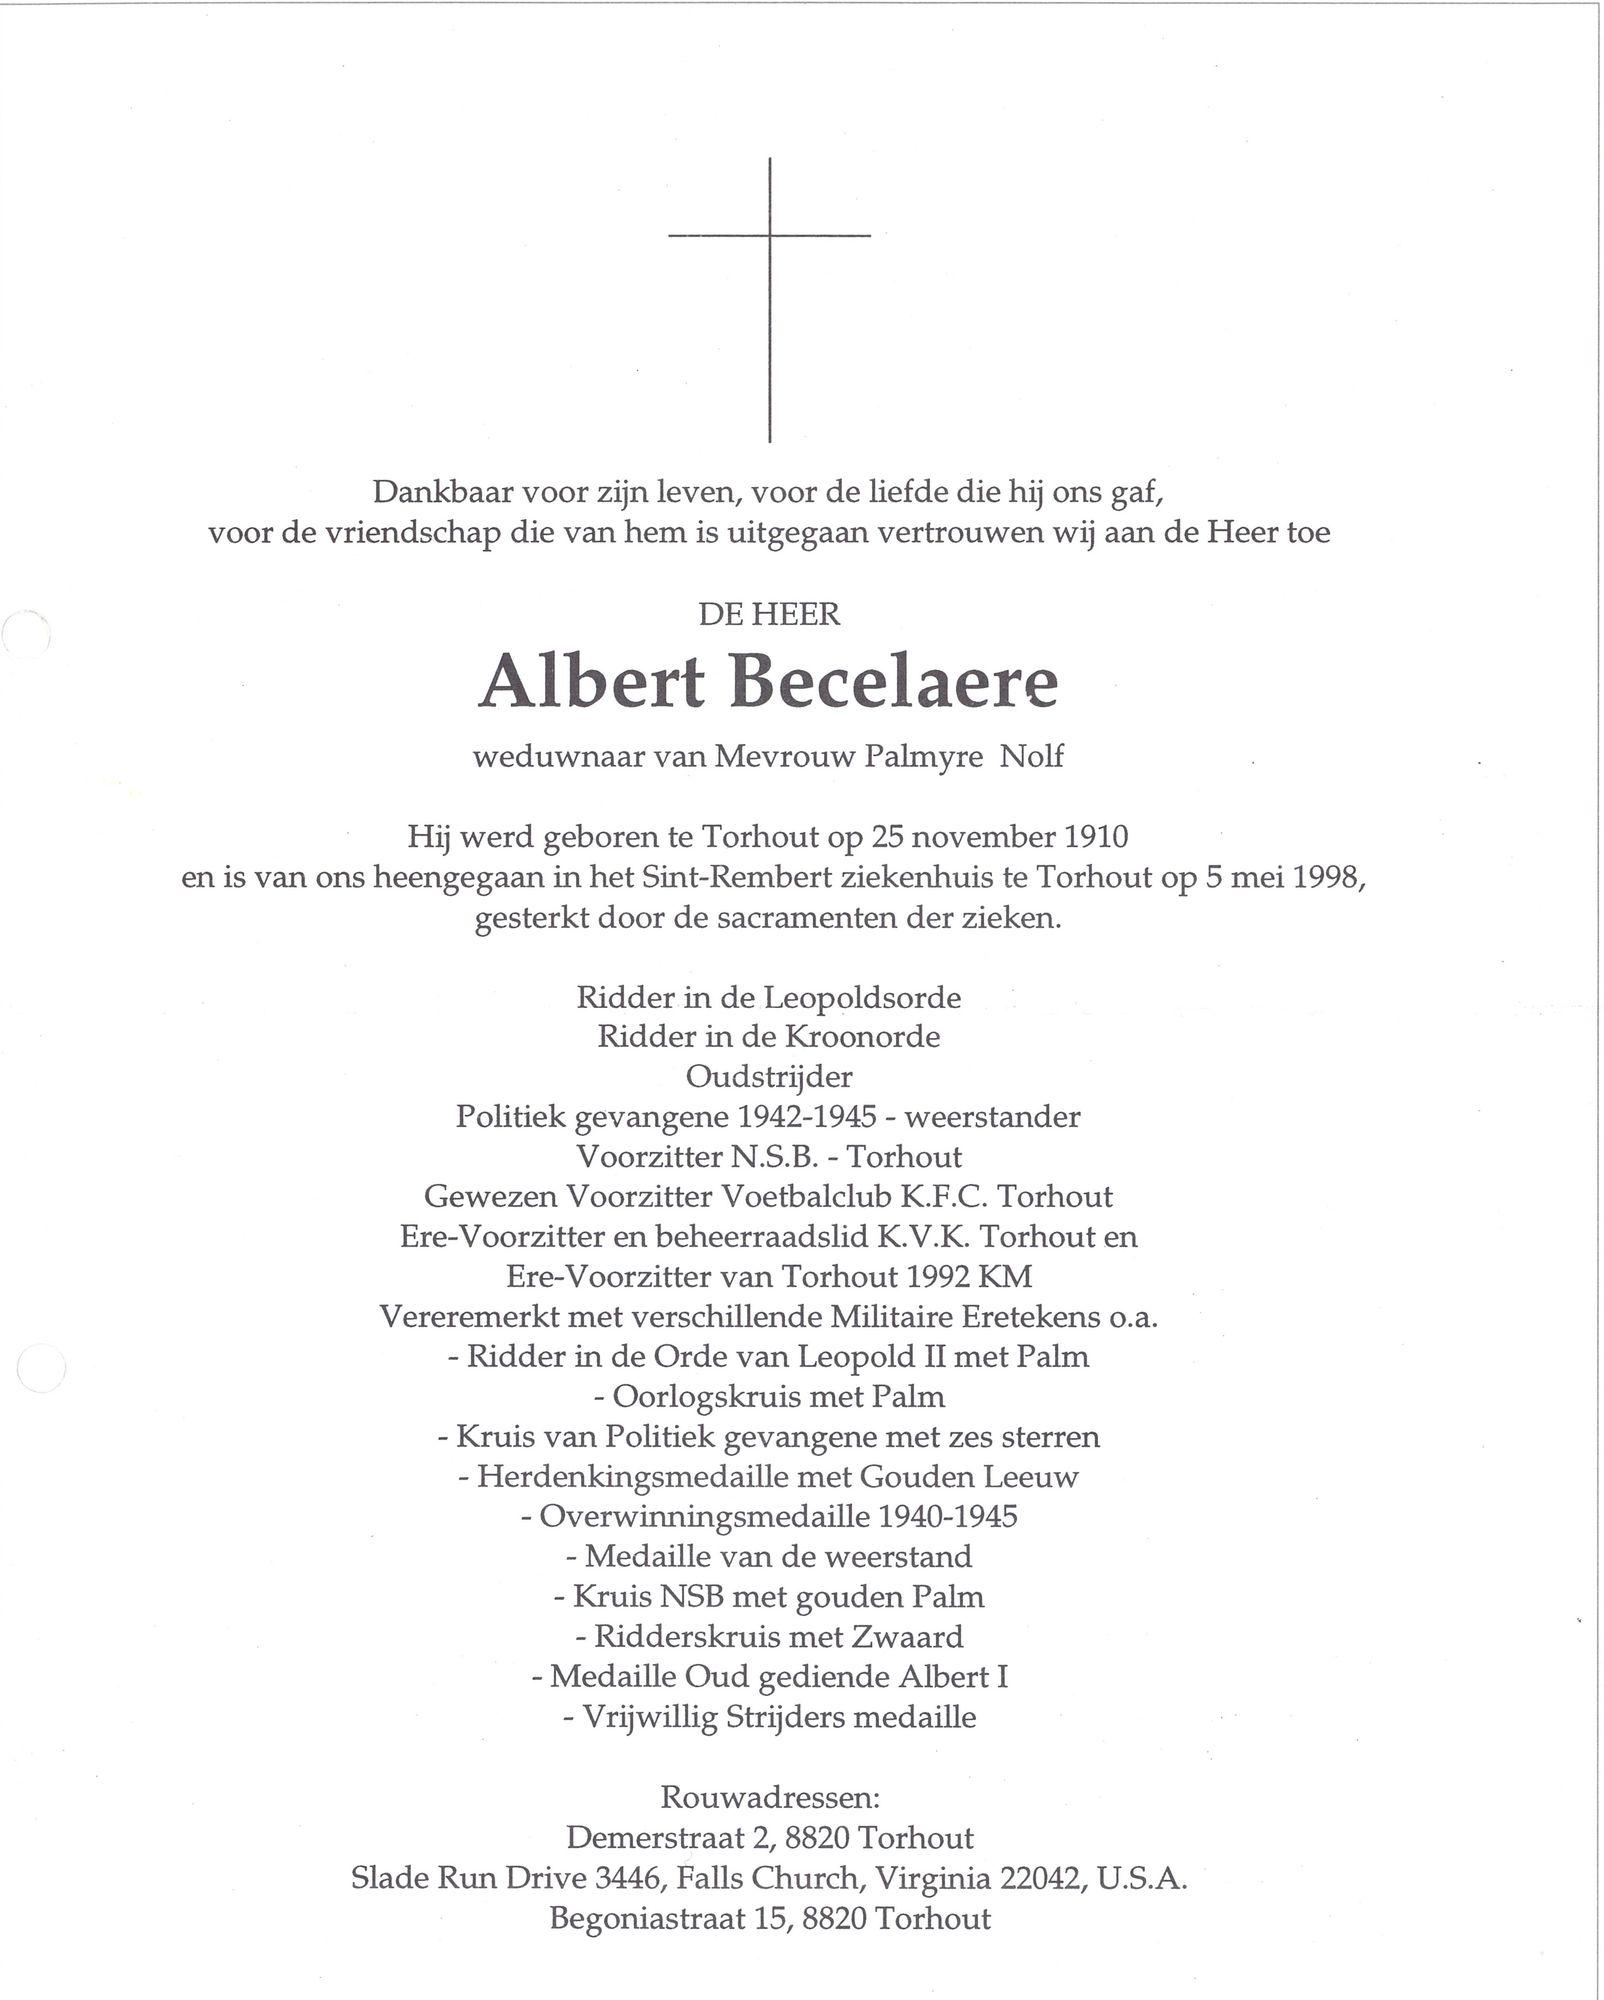 Albert Becelaere